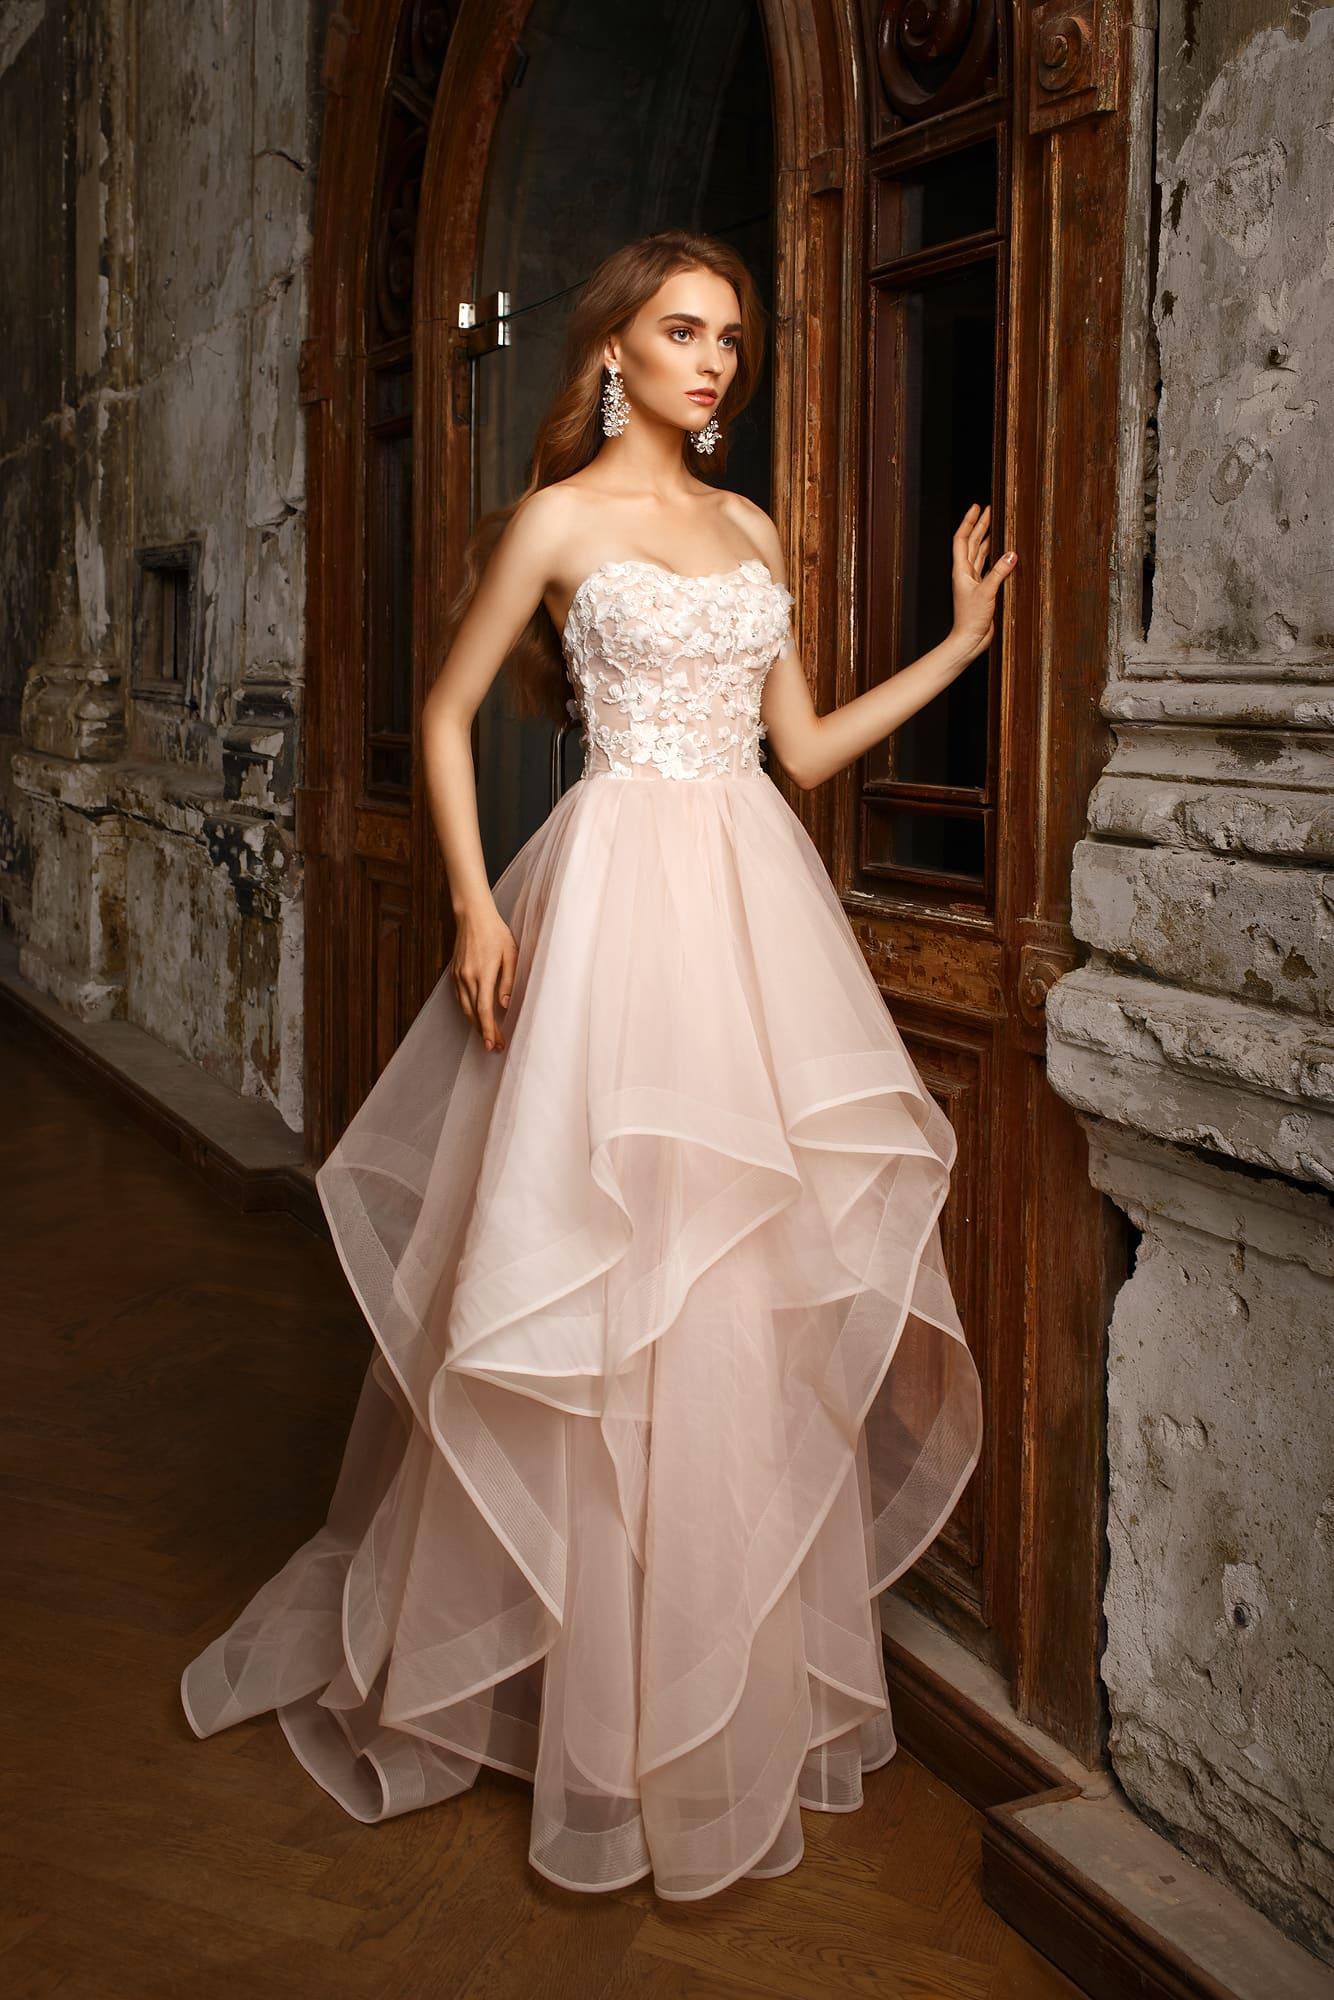 9463c05868f Открытое свадебное платье с объемной отделкой корсета и многослойным пышным  подолом.